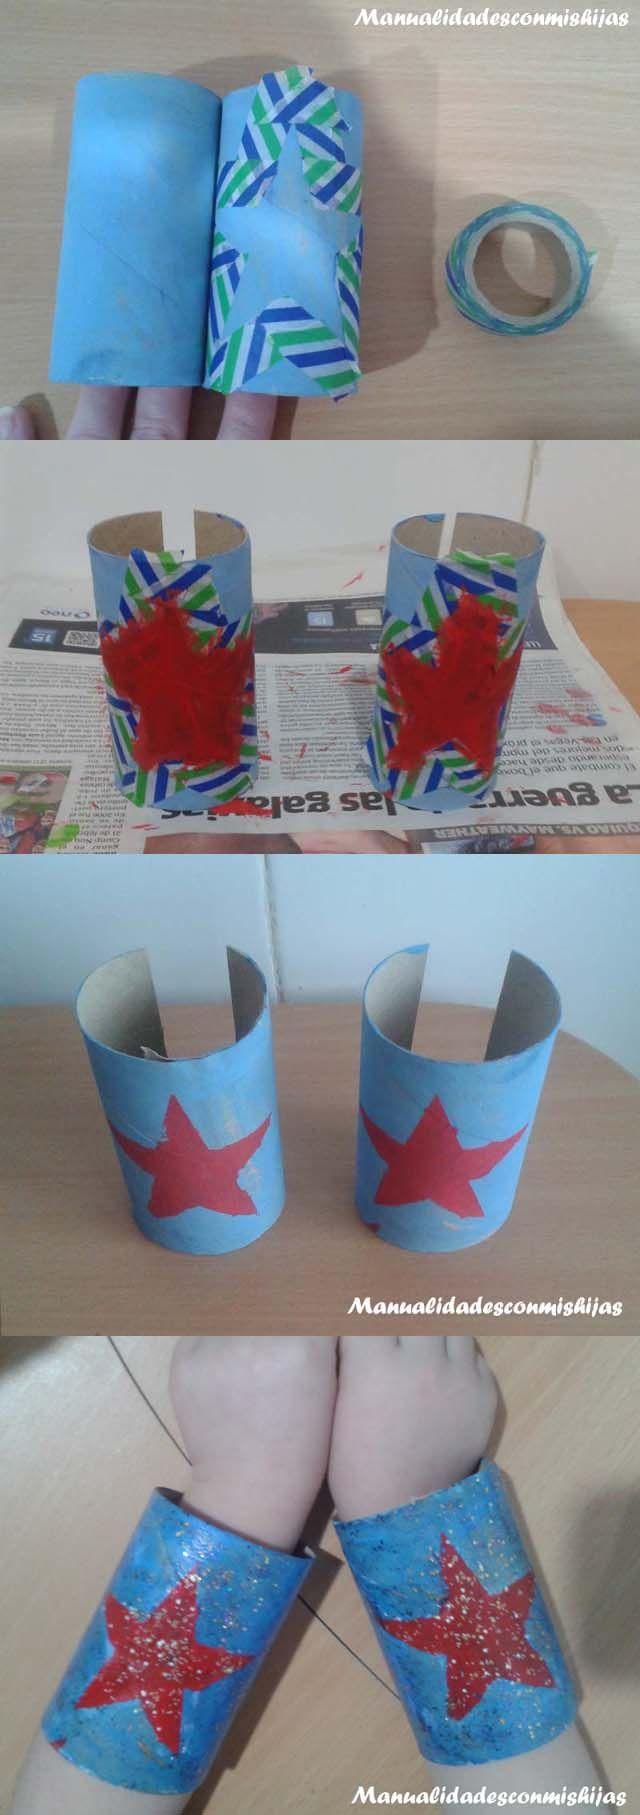 Manualidadesconmishijas: Brazalete de superhéroe con tubo de cartón